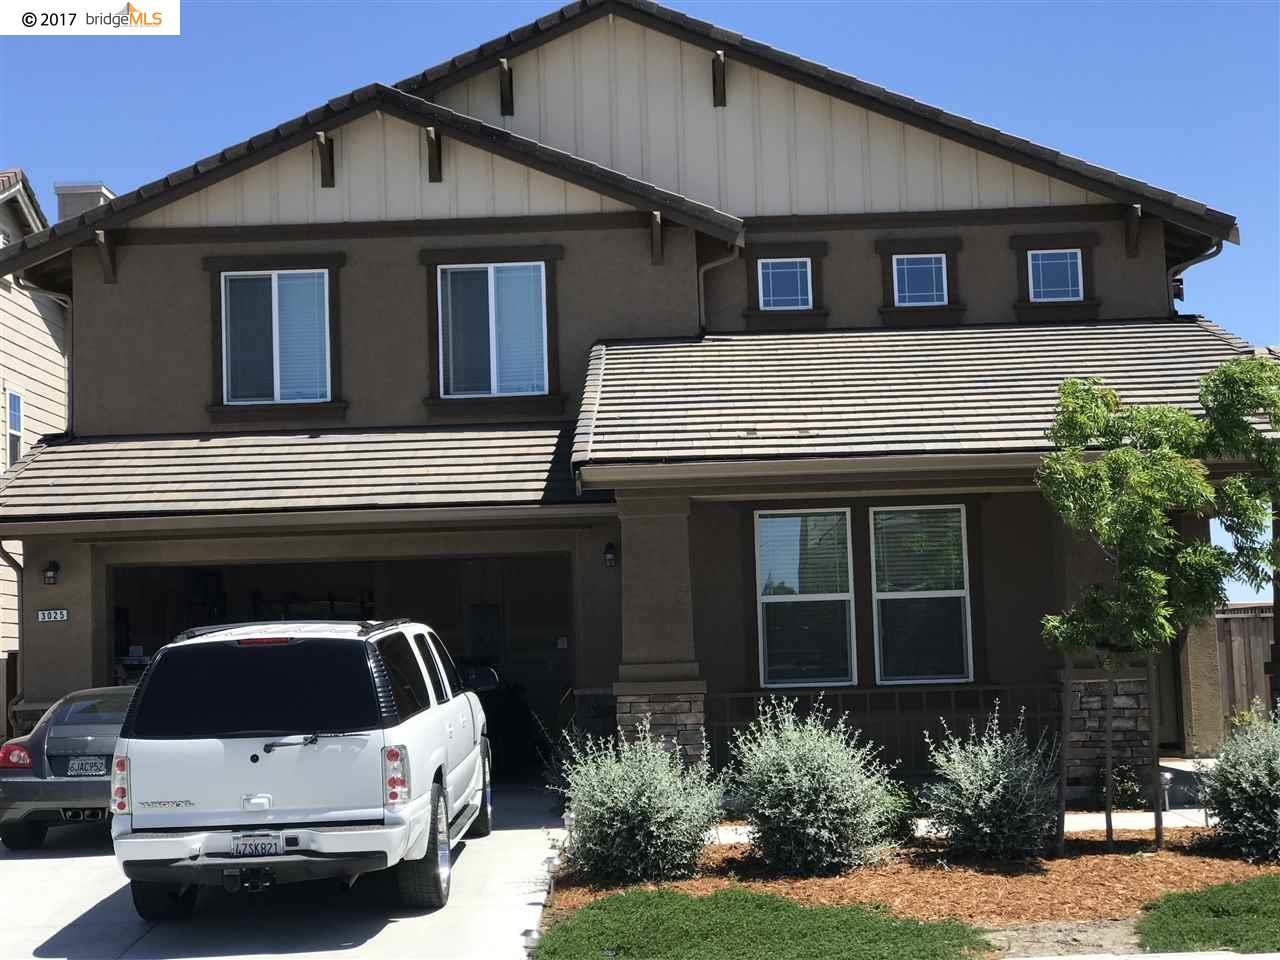 Maison unifamiliale pour l à louer à 3025 ALDRICH STREET Antioch, Californie 94509 États-Unis